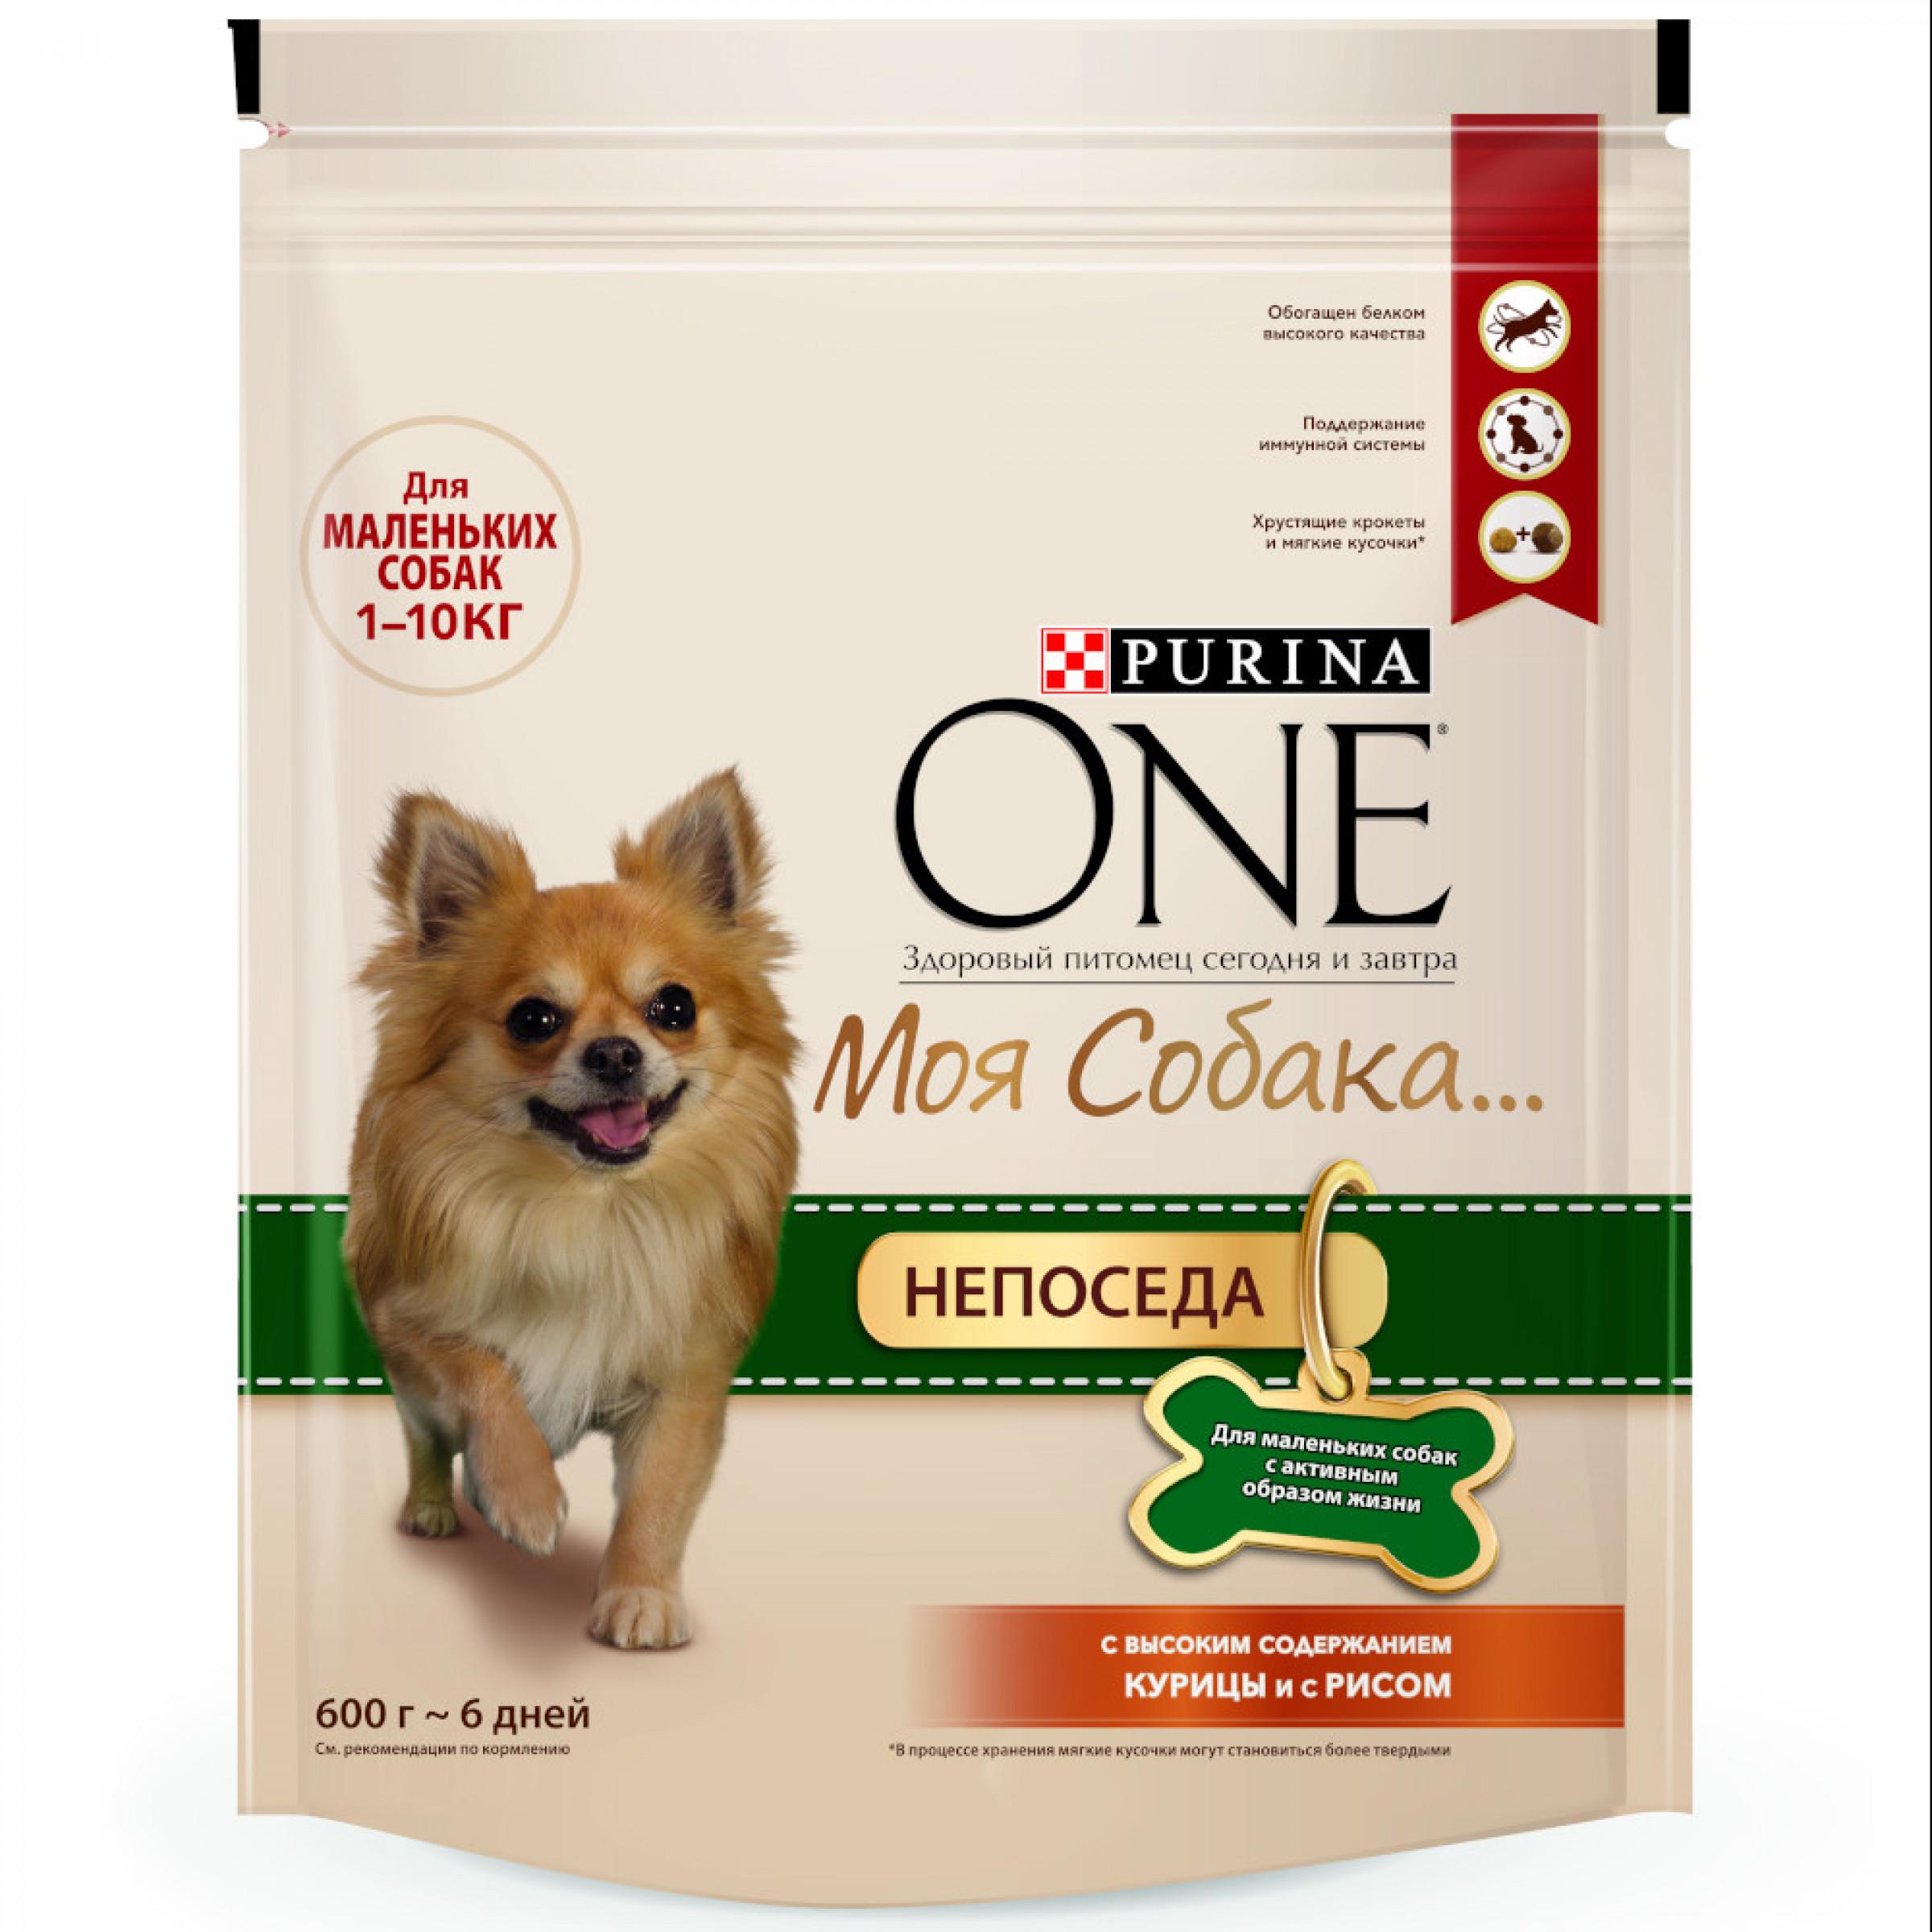 Сухой корм Purina ONE Моя Собака…Непоседа для маленьких собак c активным образом жизни с курицей и рисом, 600 гр